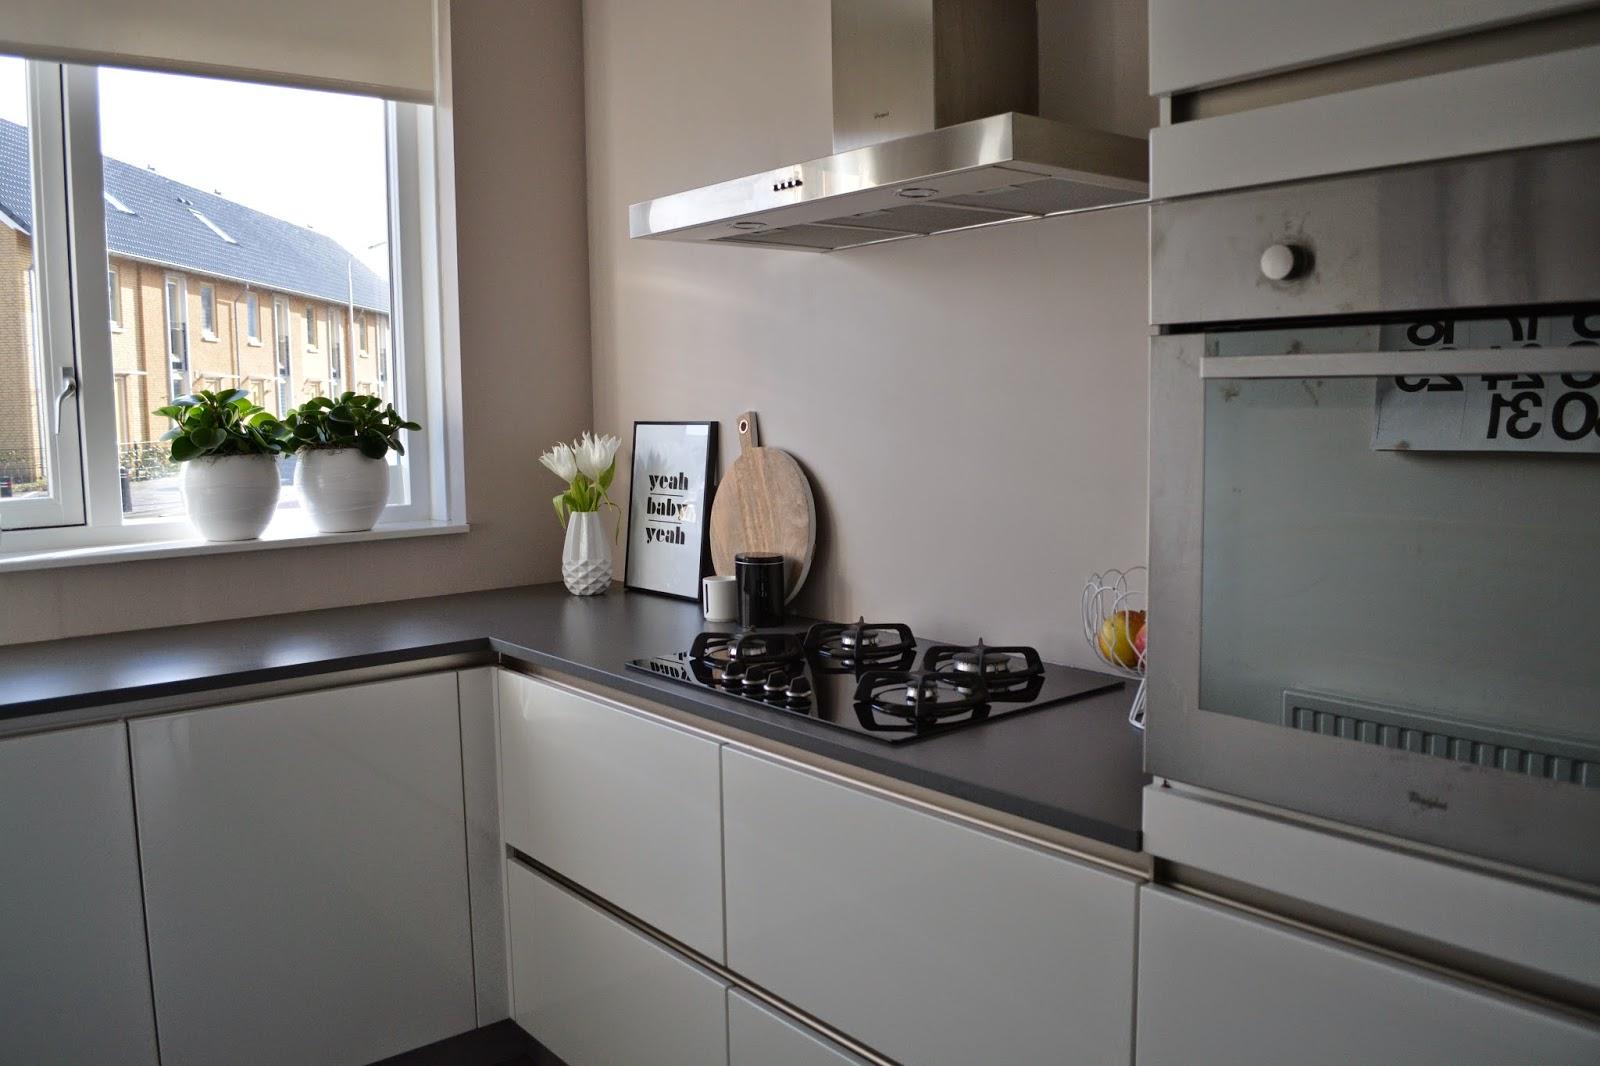 Saved with style interieur een kijkje in ons huis 1 keuken - Keuken kleur idee ...